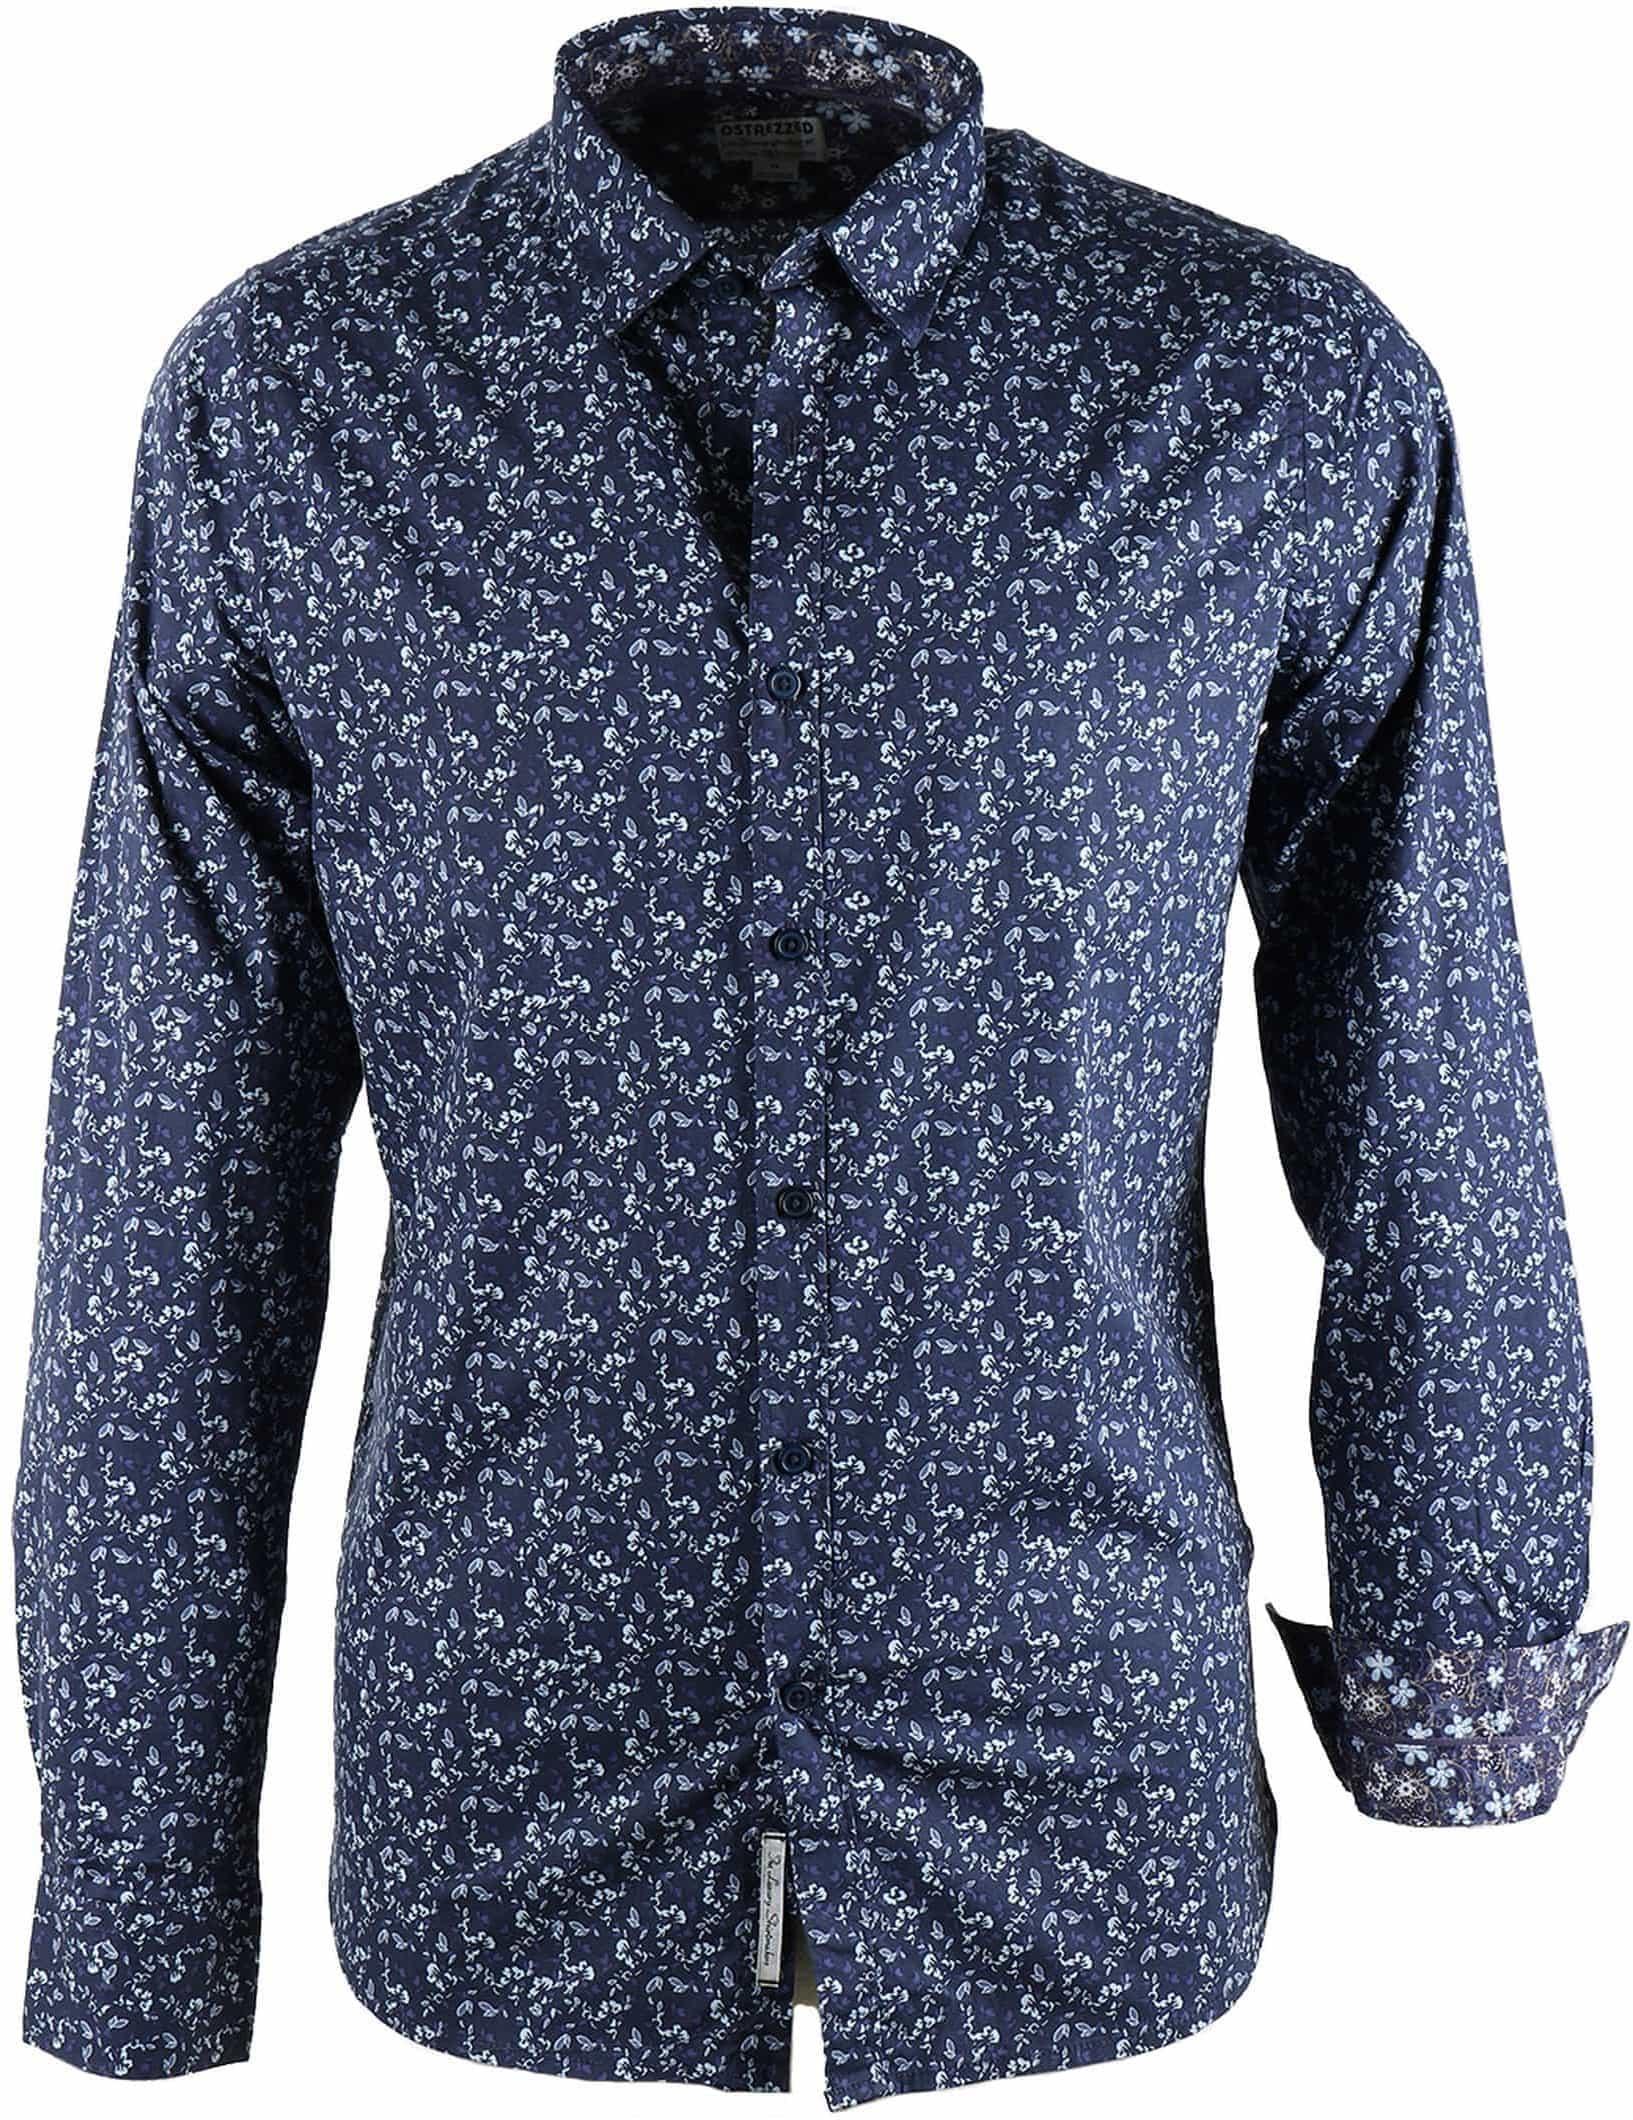 e40270affb7 Dstrezzed Flower Shirt Navy 303051-69